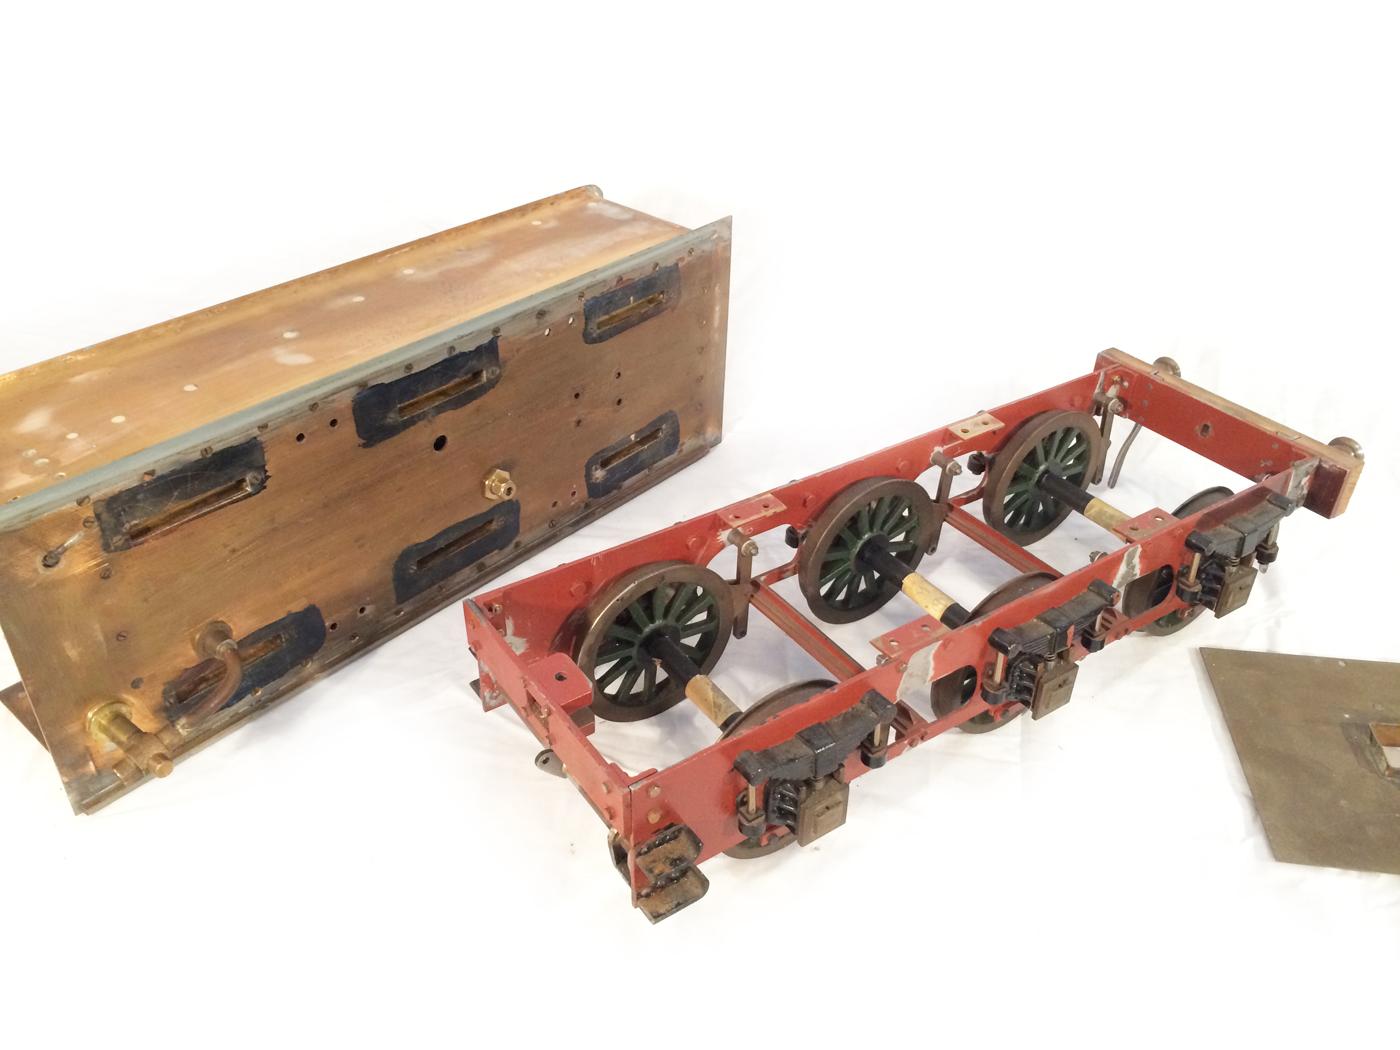 test 3 12 inch gauge stirling single live steam locomotive for sale 24